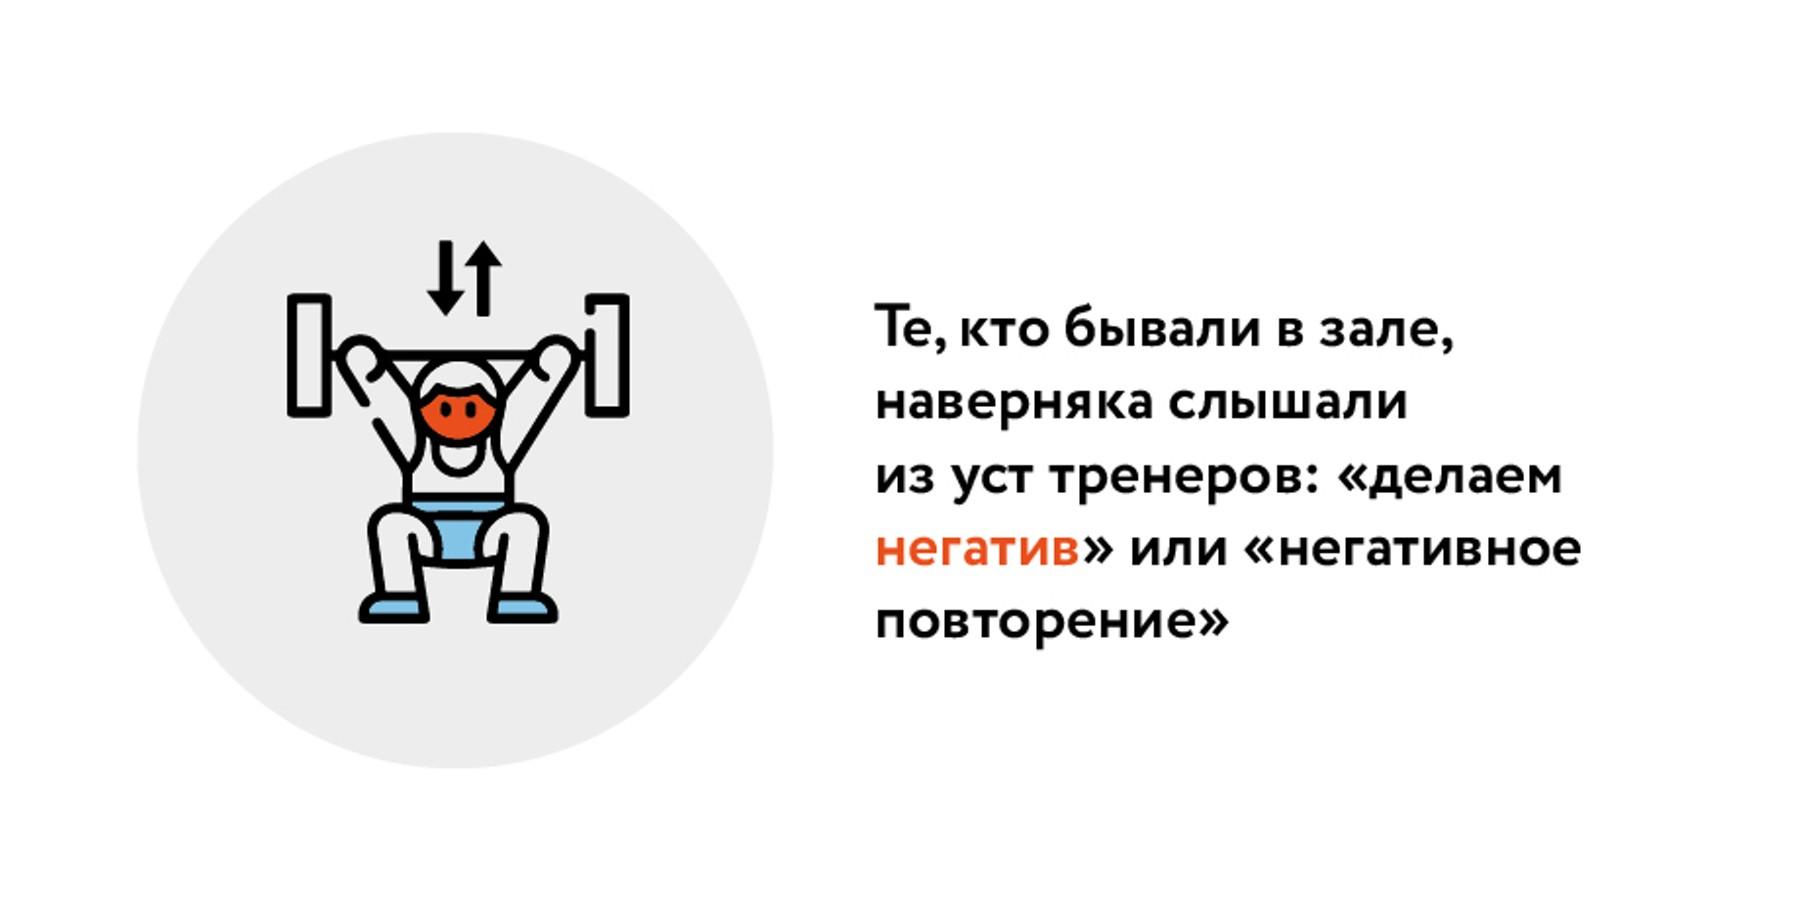 Оформление работника: чем отличается трудовой договор от контракта и договора подряда? | блог мтбанка